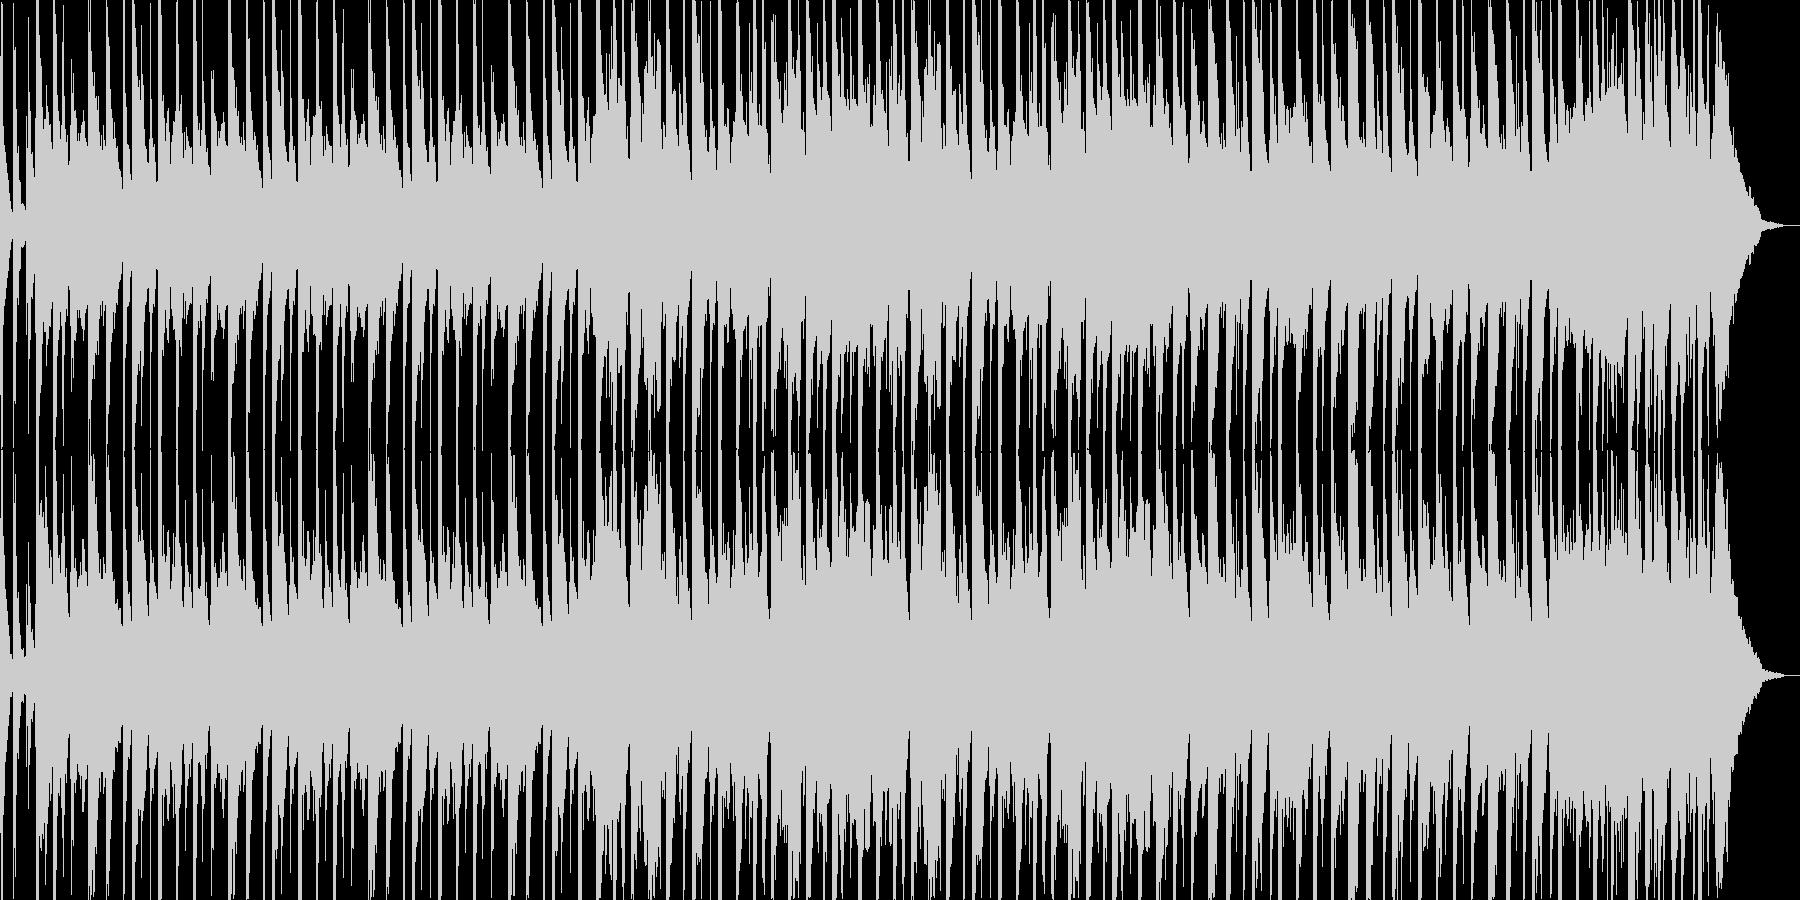 映像系に合いそうなコミカルブルースの未再生の波形